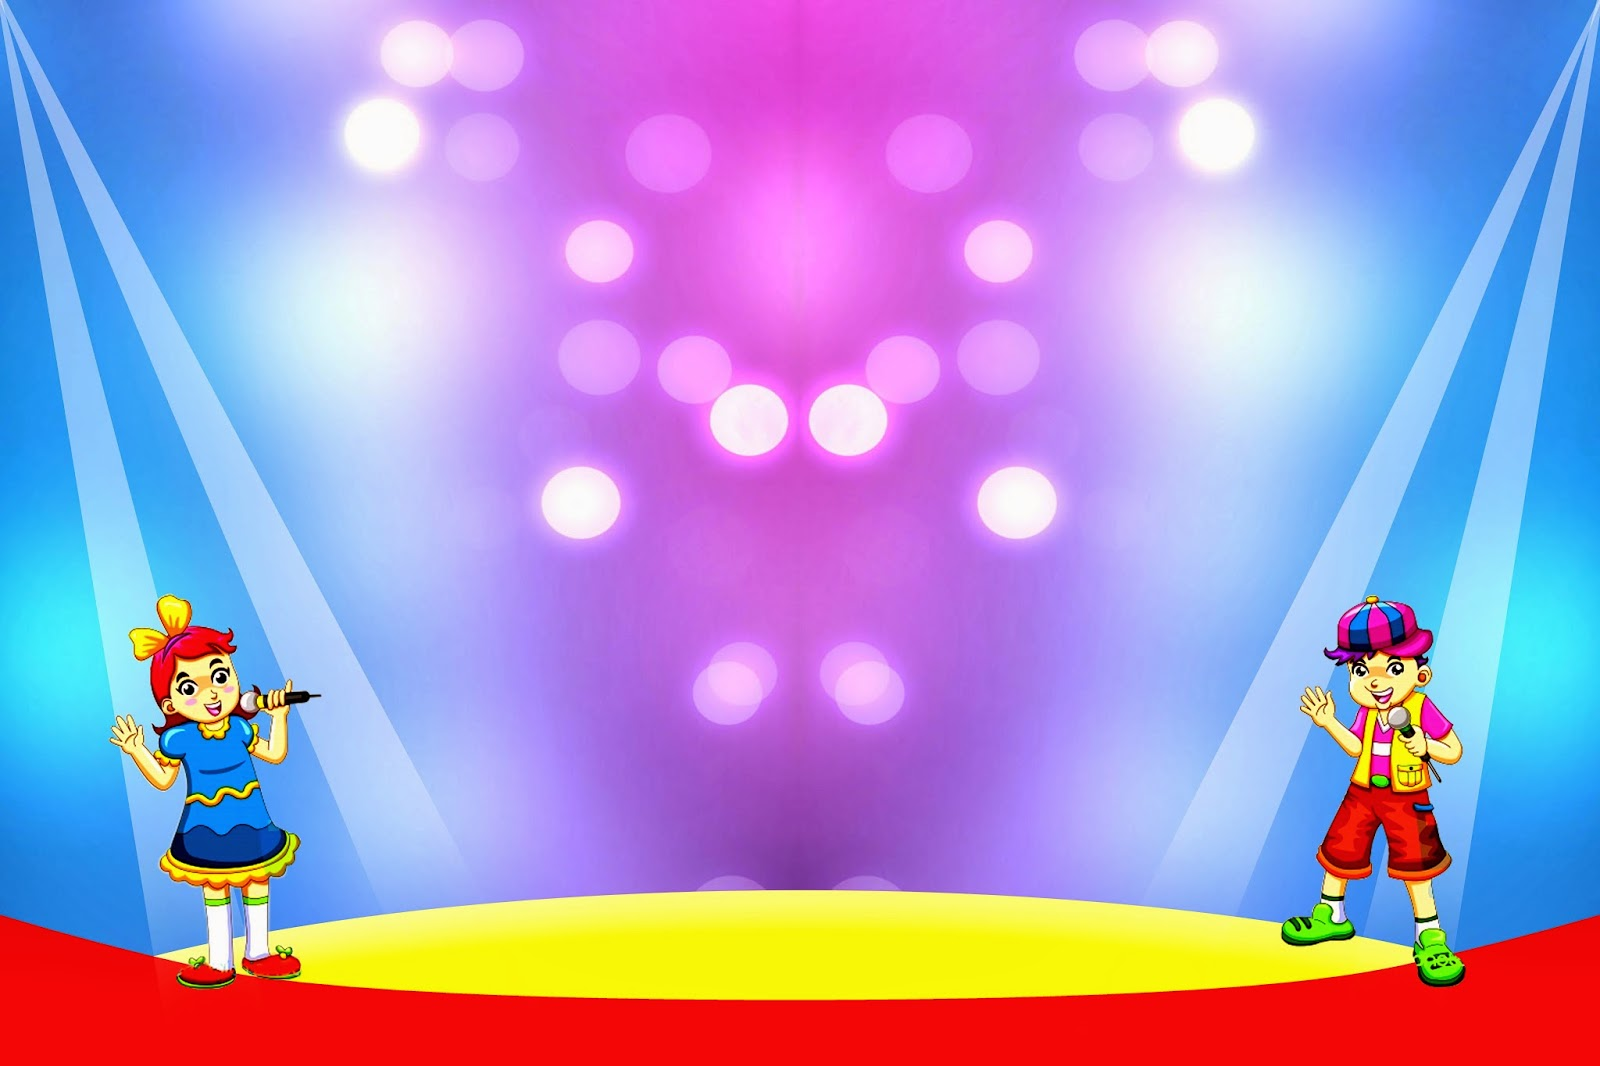 Backdrop panggung pentas seni / lomba / pelepasan siswa / perpisahan 1